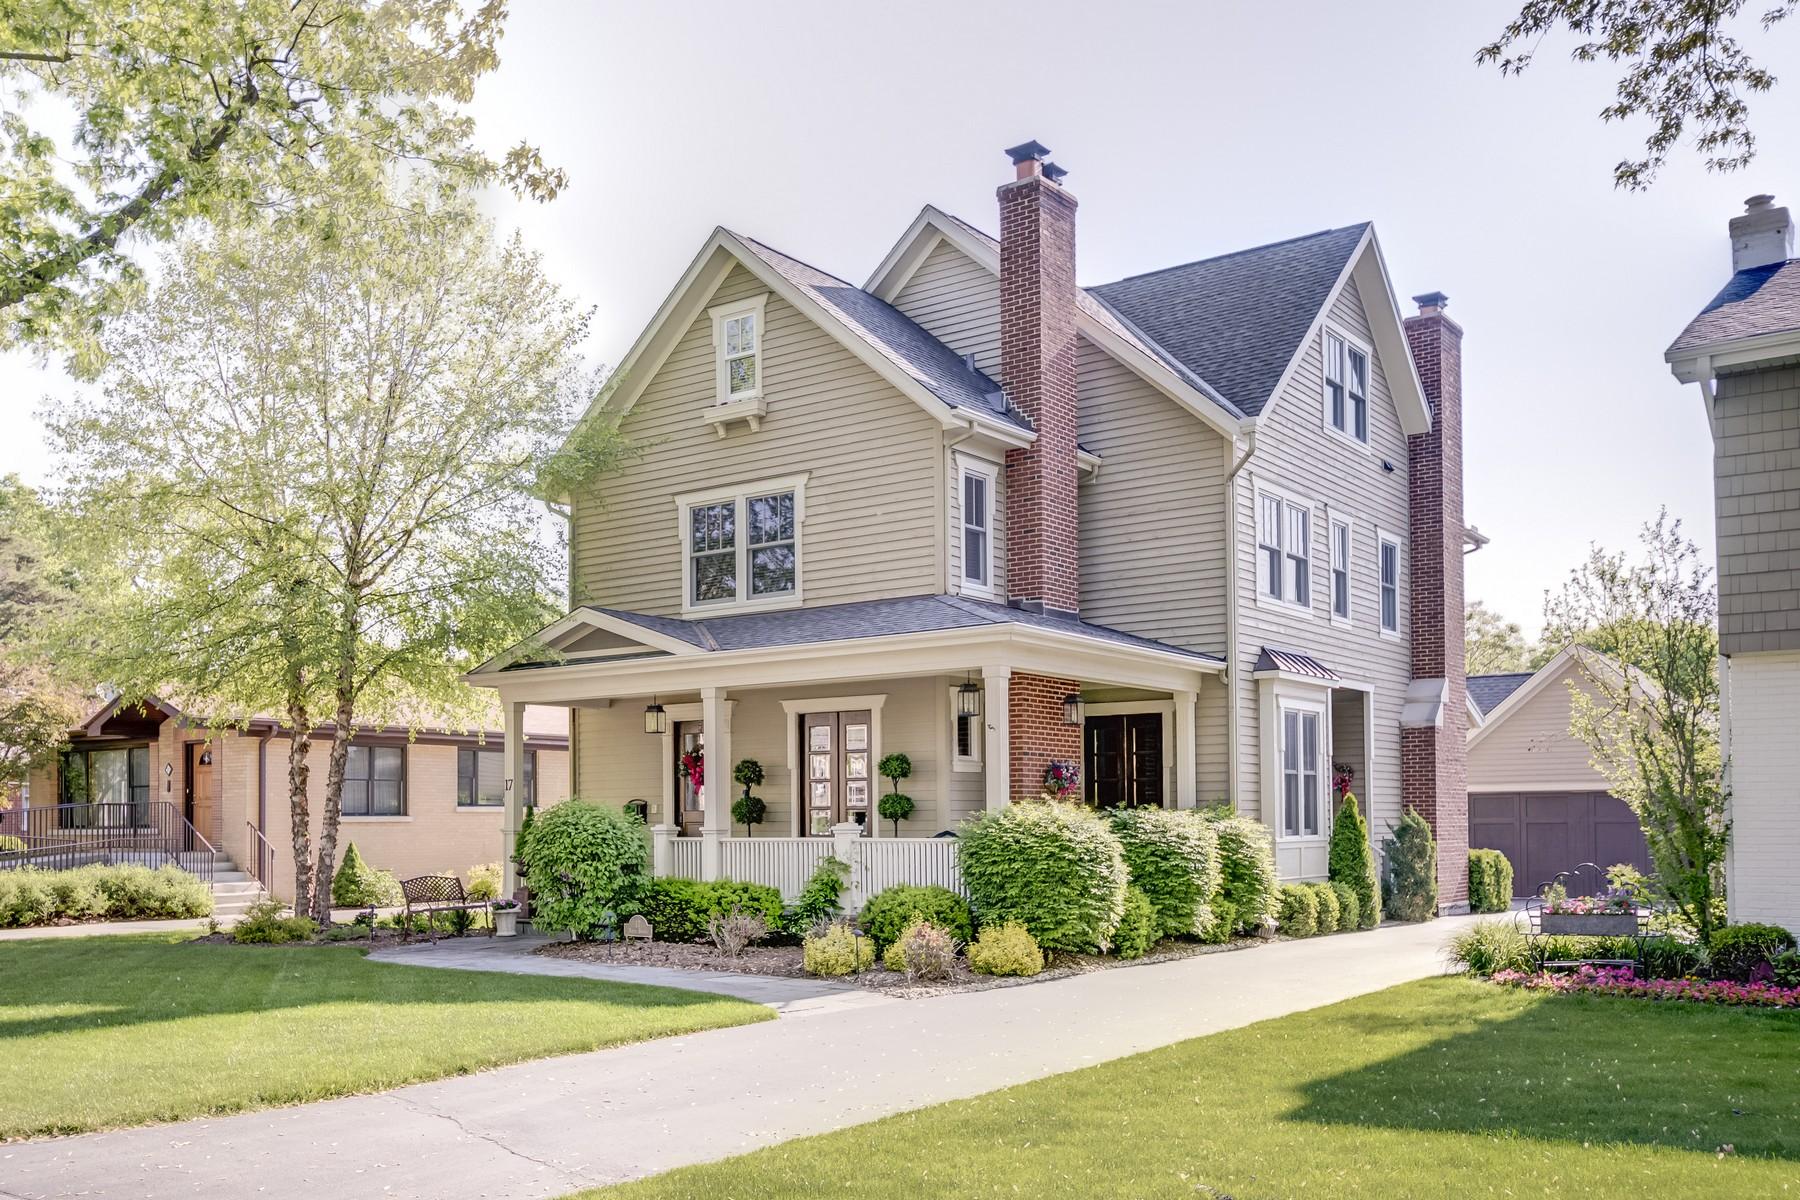 一戸建て のために 売買 アット Charming Hinsdale Home 17 N Bruner Street Hinsdale, イリノイ, 60521 アメリカ合衆国